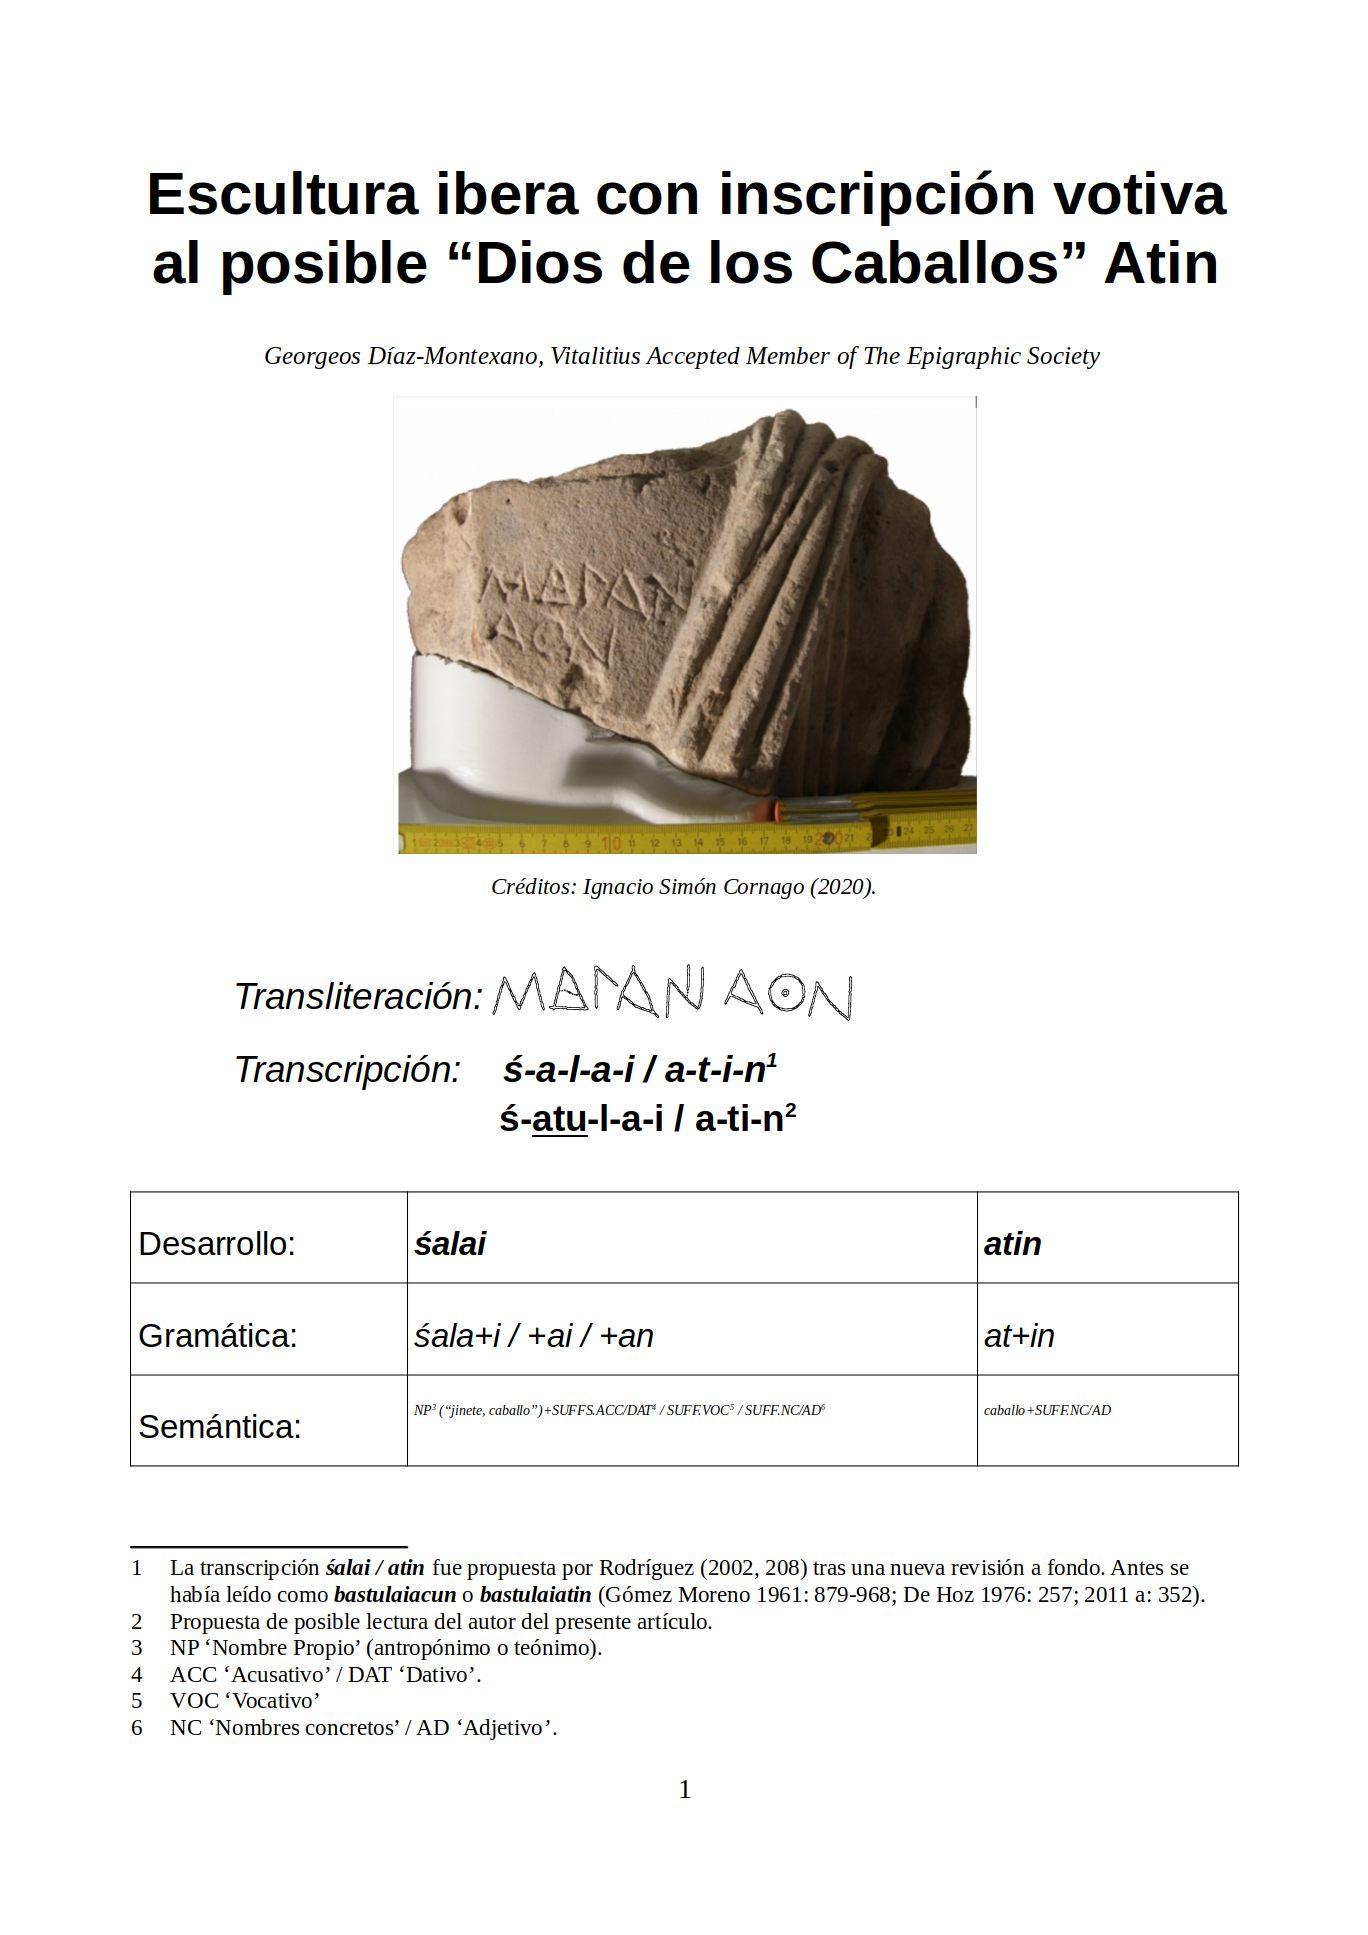 """Escultura ibera con inscripción votiva al posible """"Dios de los Caballos"""" Atin Georgeos Díaz-Montexano, Vitalititus Accepted Member of The Epigraphic Society"""